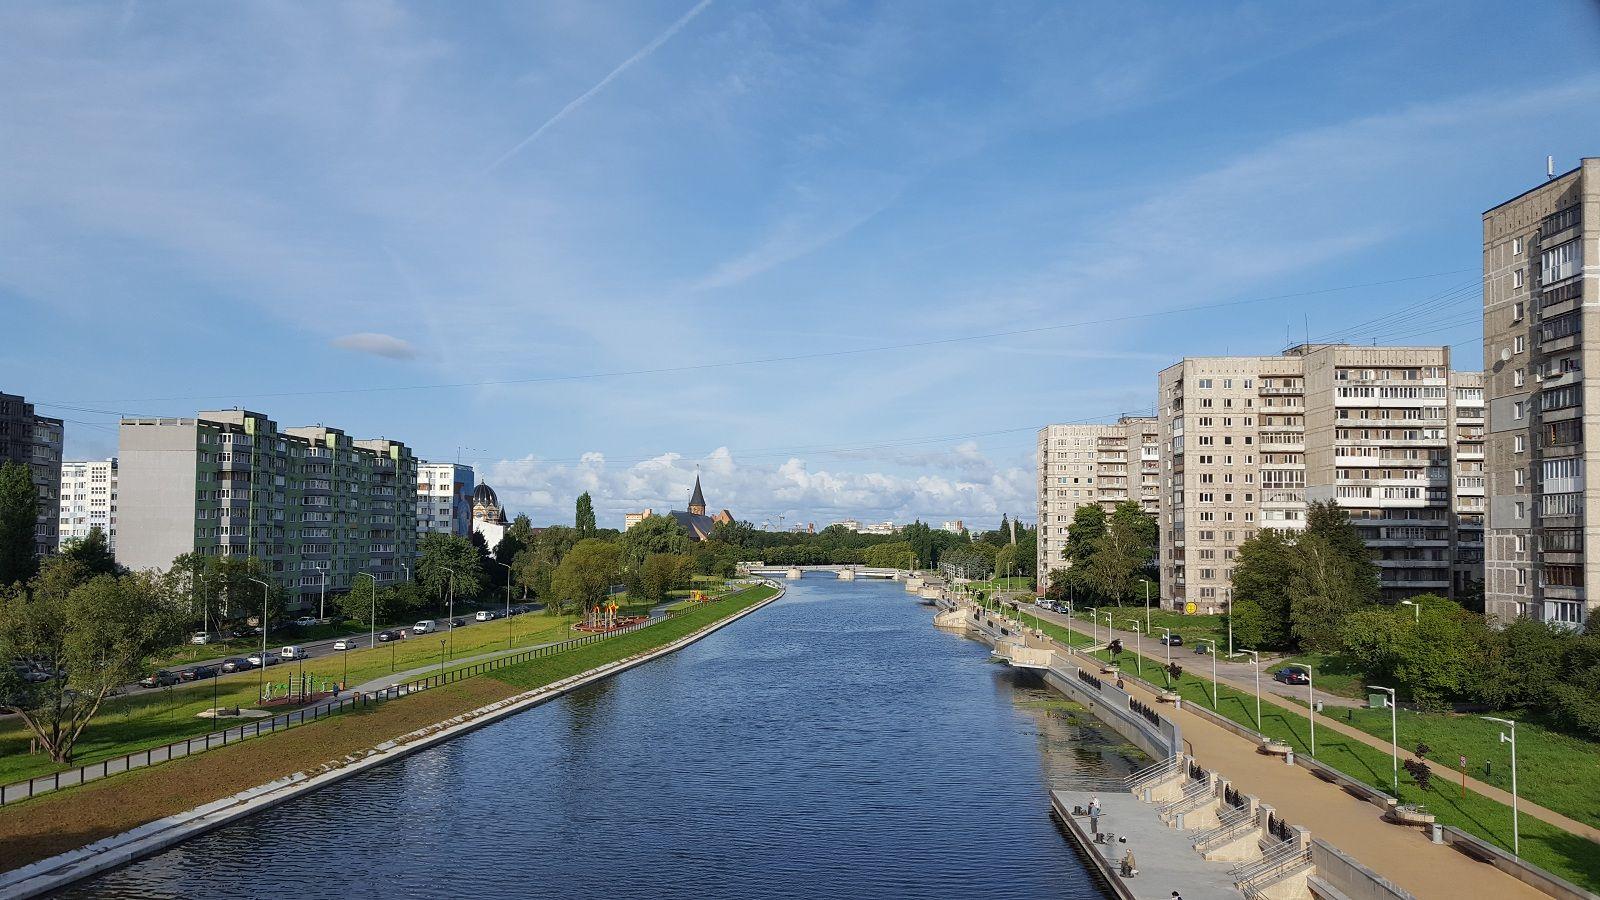 Как я провела свой день рождение, я покажу вам летний Калининград, фото 15